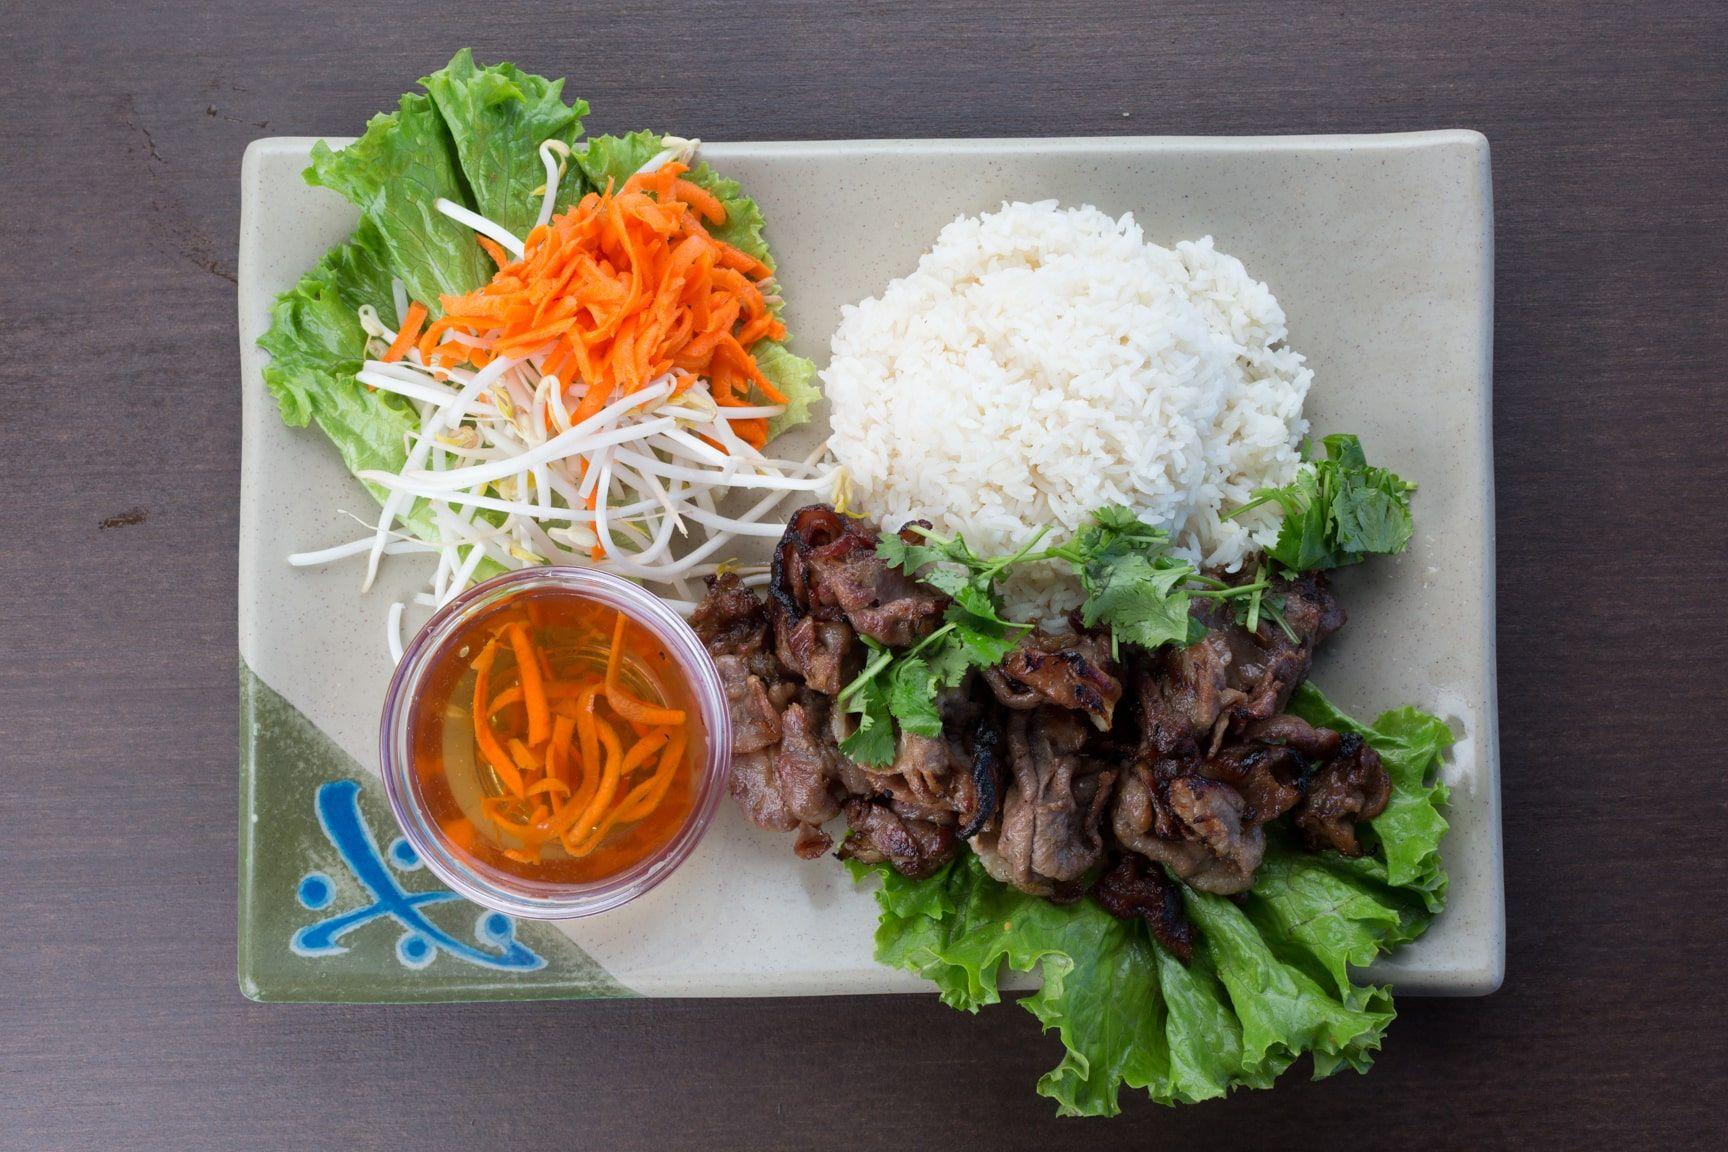 📸 : Marlboro Wang  #foodphotographer #foodphotography #foodphotoshoot #foodpics #foodphotos #bookfocal